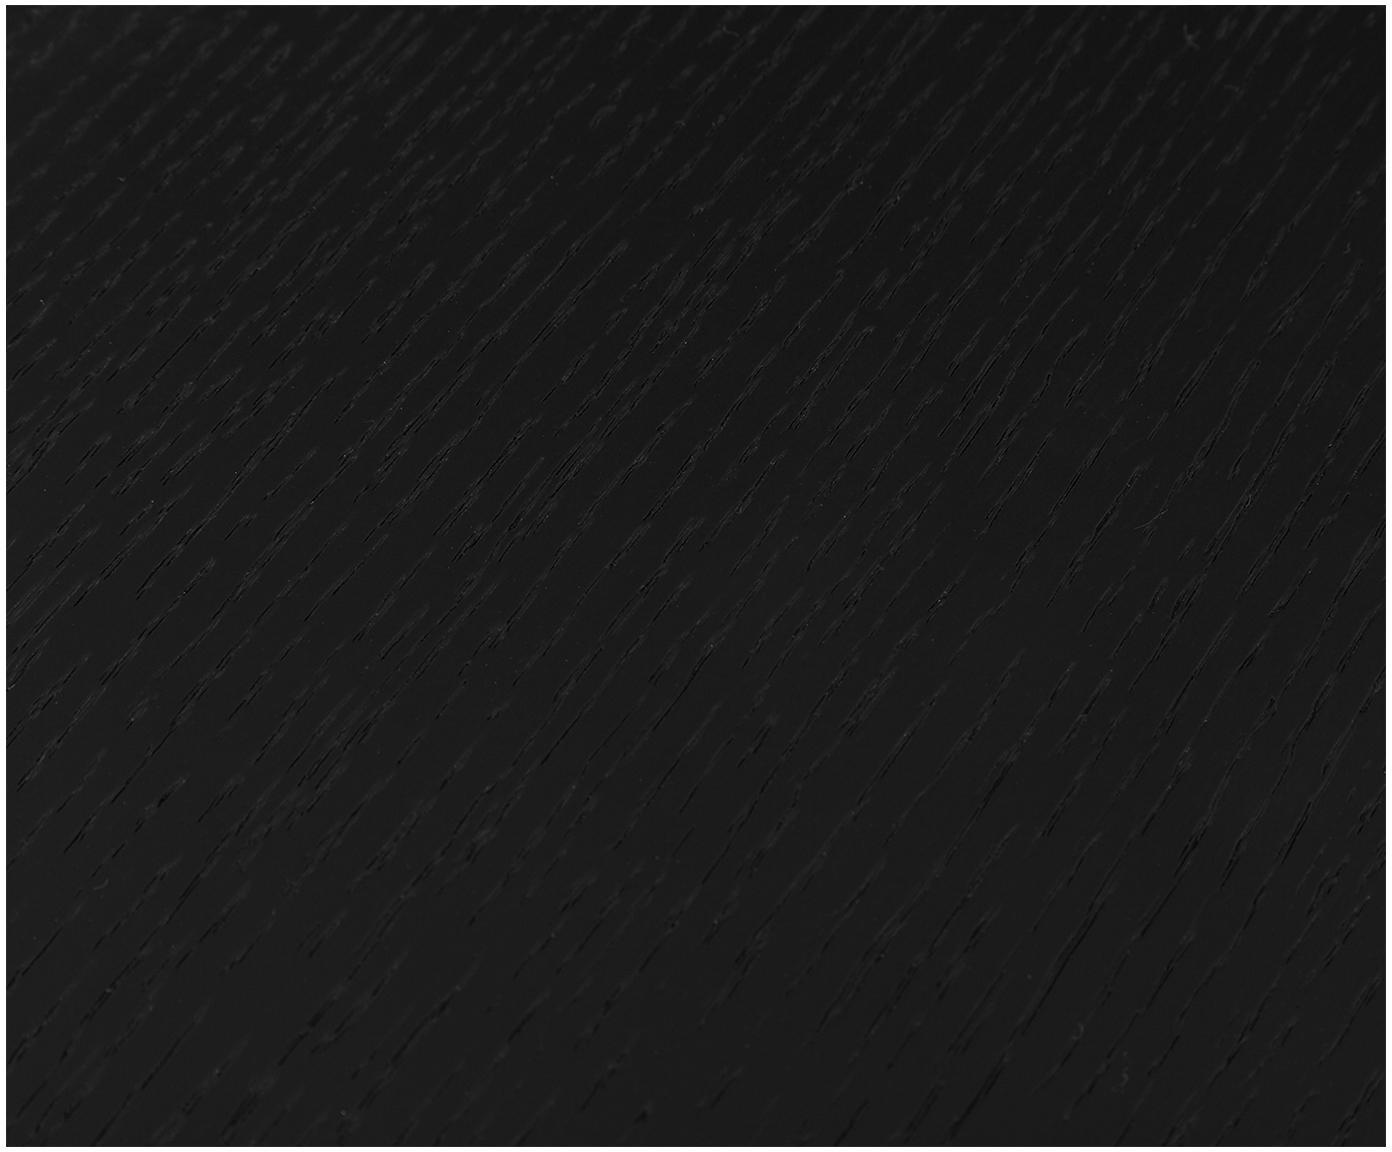 Stolik kawowy z drewnianym blatem Mica, Blat: płyta pilśniowa (MDF), fo, Stelaż: metal malowany proszkowo, Blat: fornir z drewna dębowego, czarny lakierowany Nogi: czarny, matowy, Ø 82 x W 41 cm